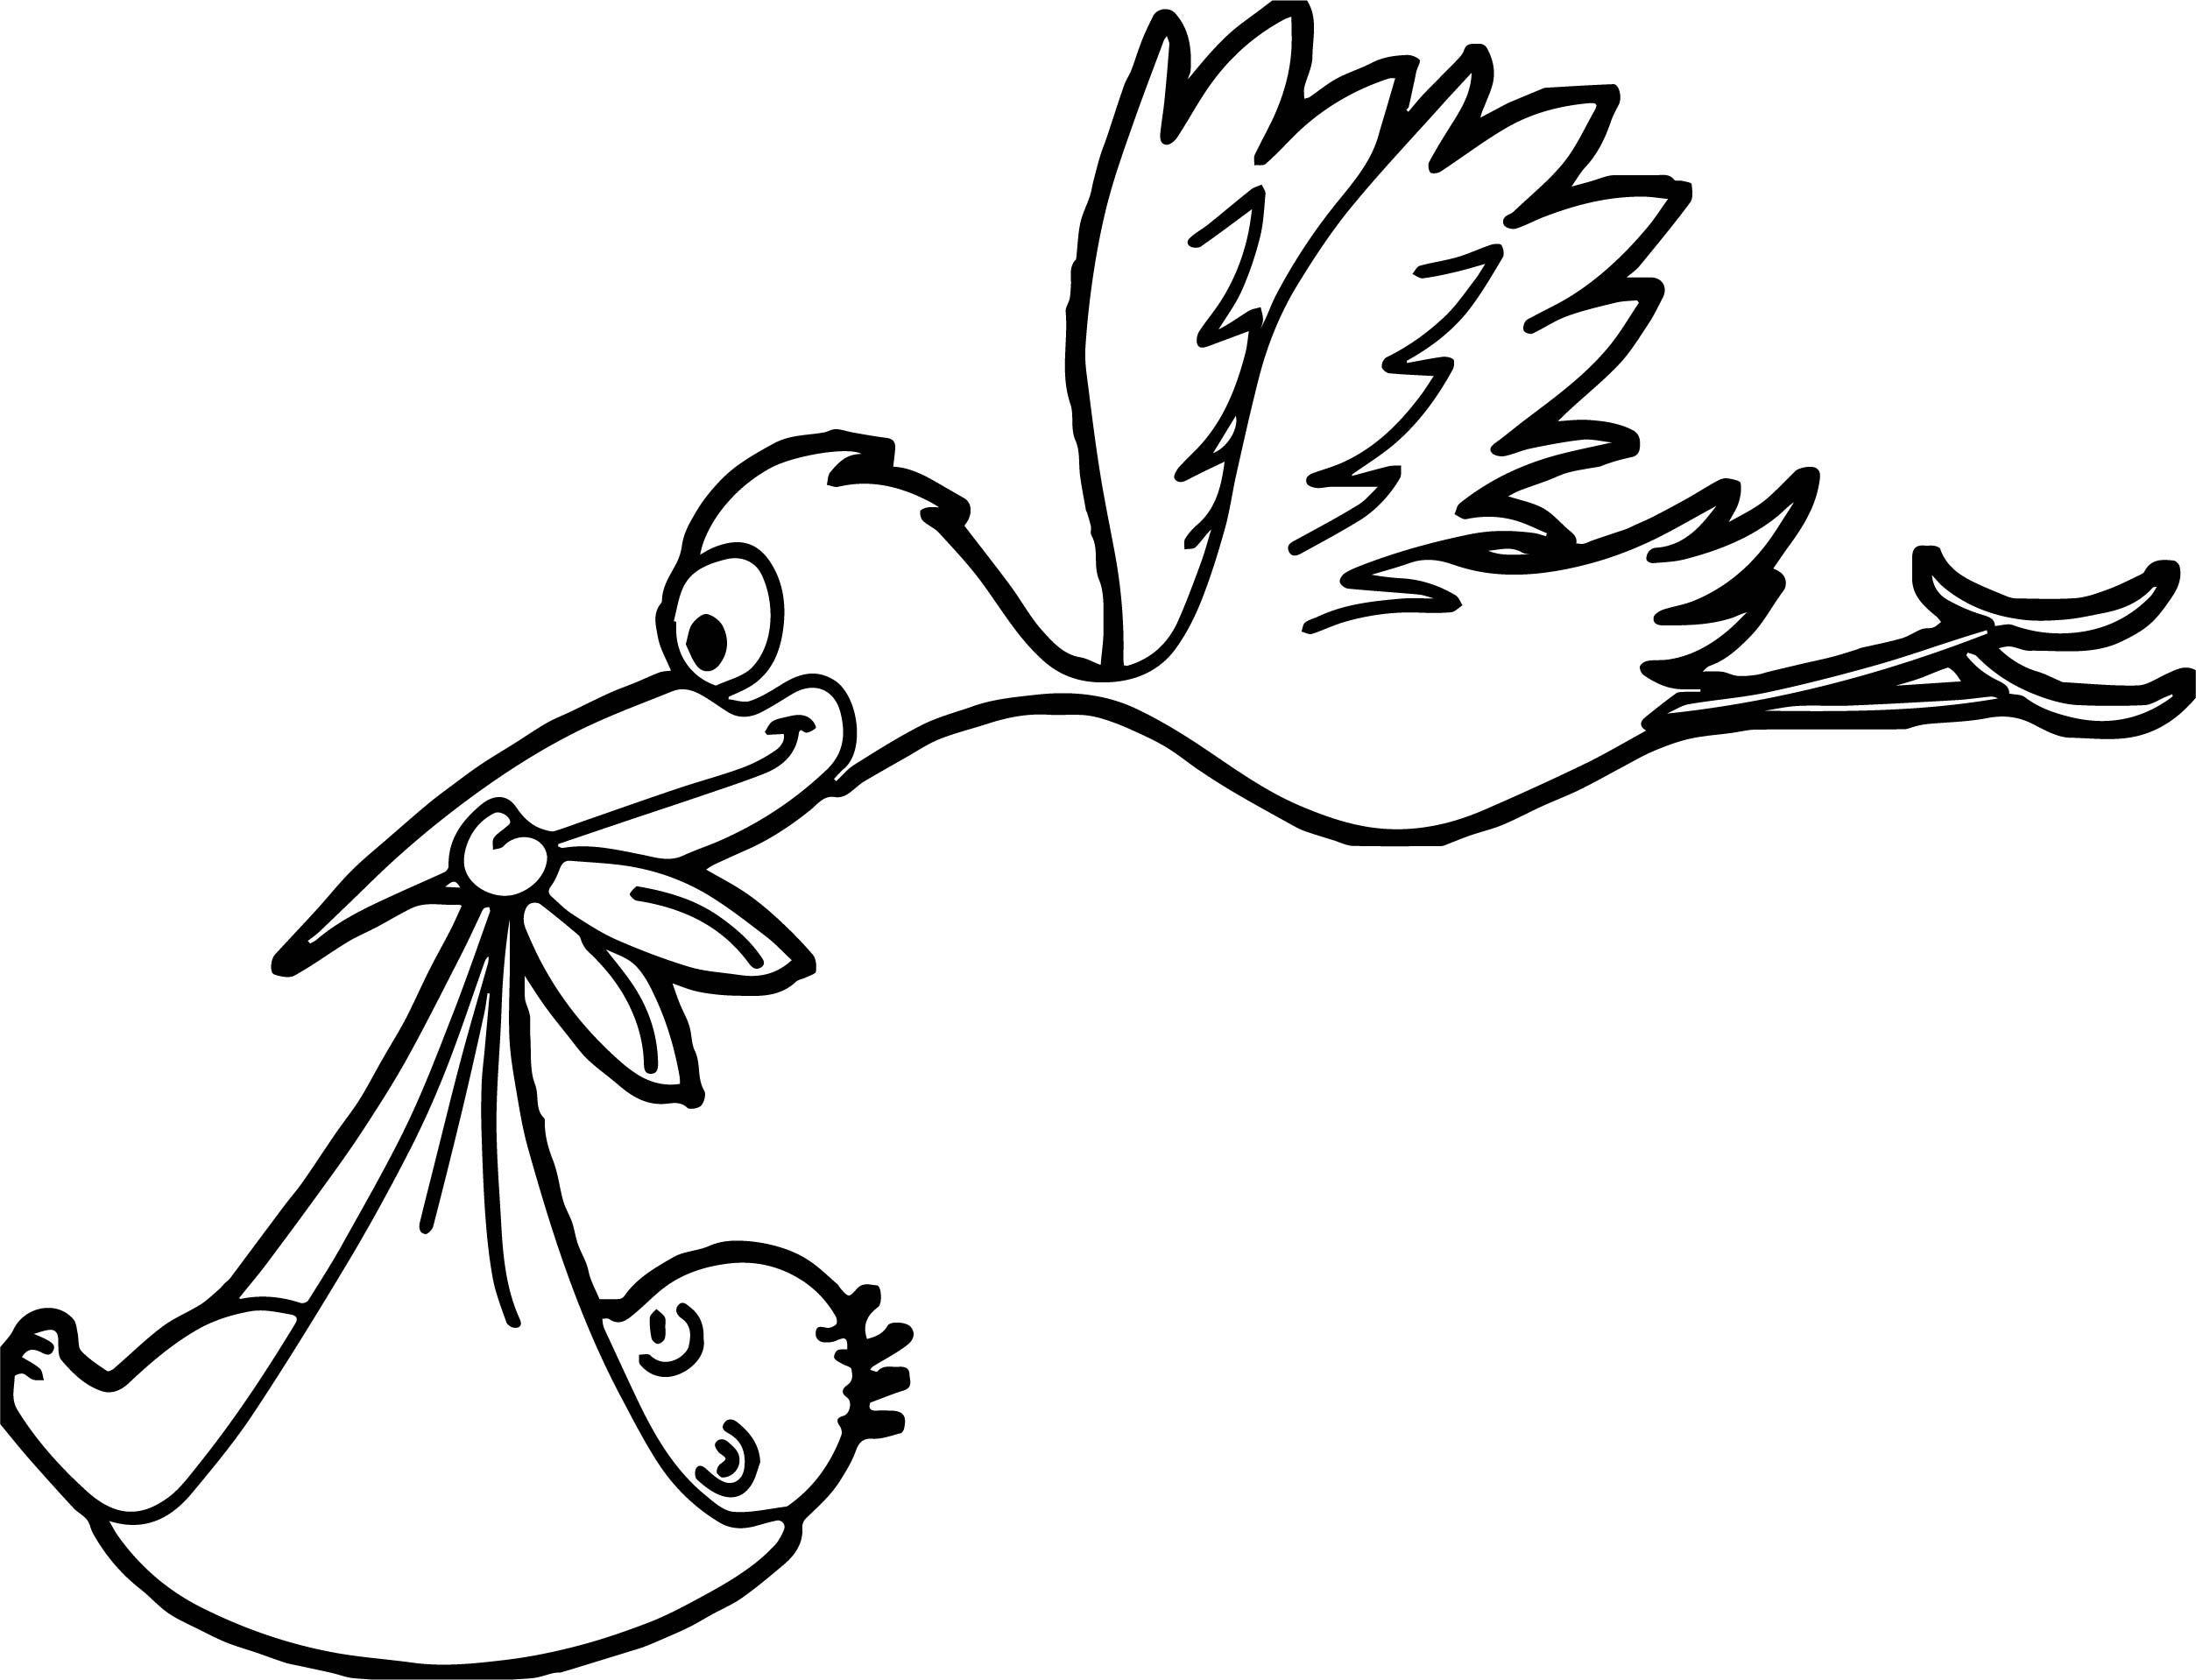 Awesome Stork Flying Baby Coloring Page | Kleurplaten verwandt mit Storch Zum Ausmalen